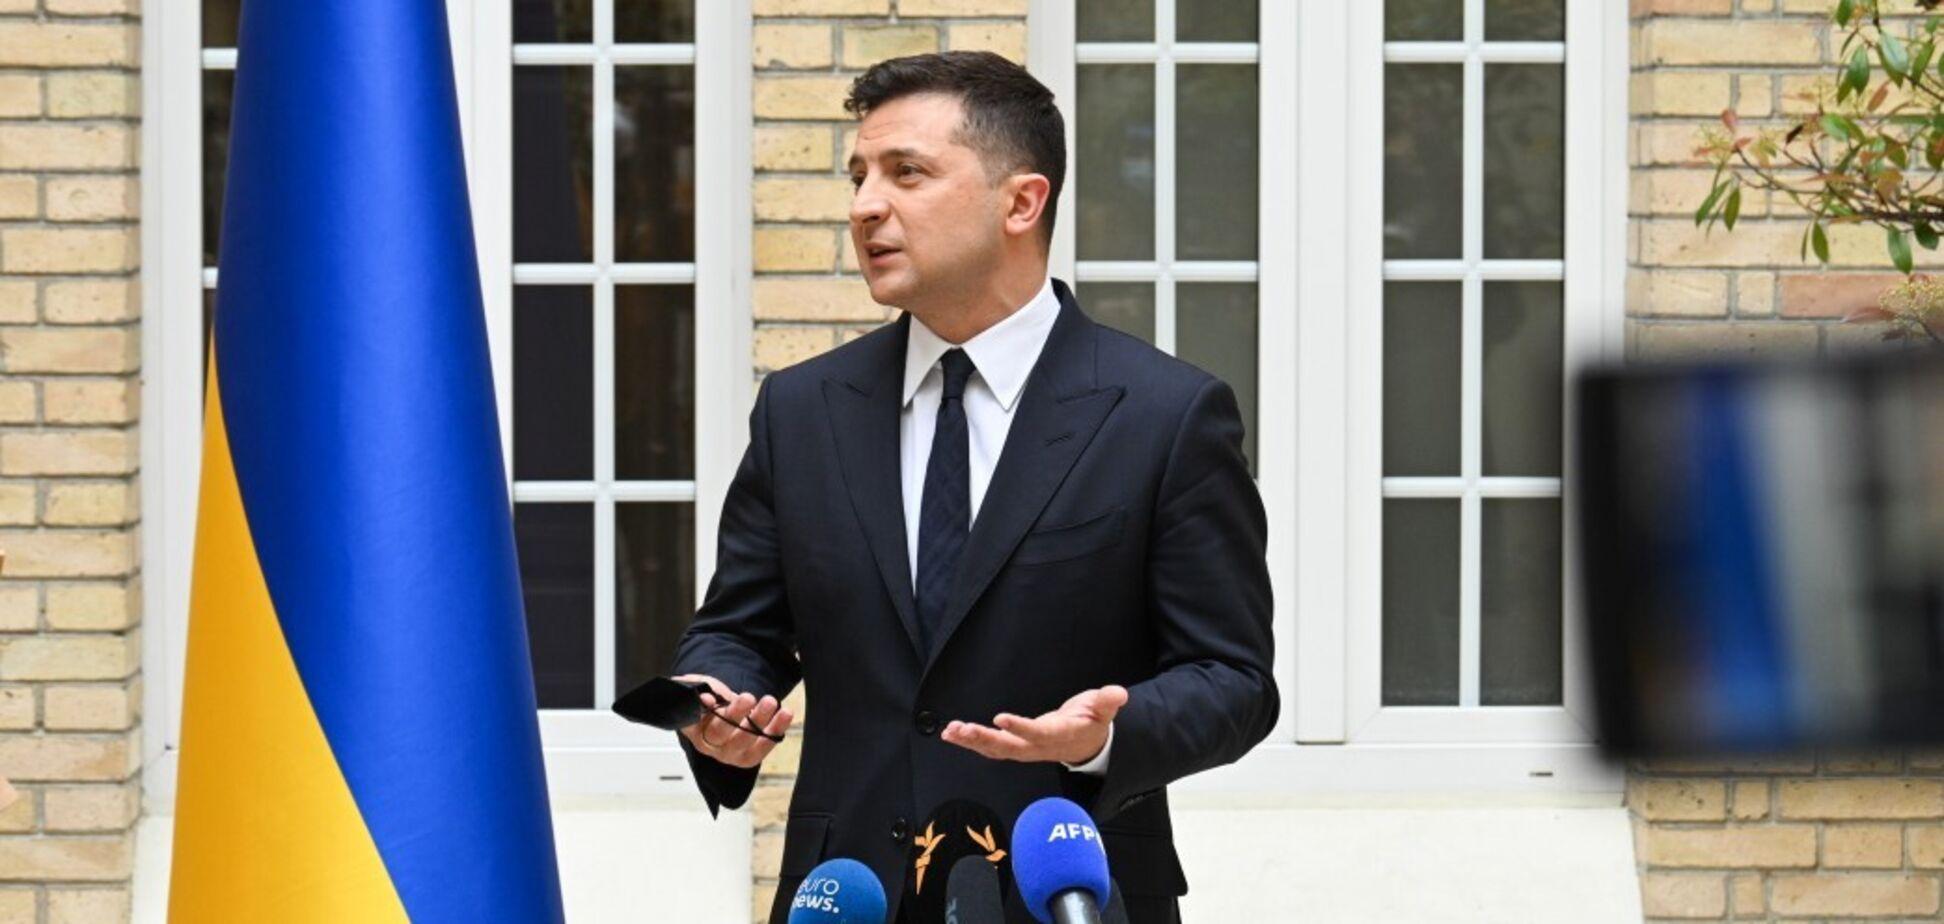 Зеленский предложил сажать контрабандистов на 12 лет и накладывать миллионные штрафы